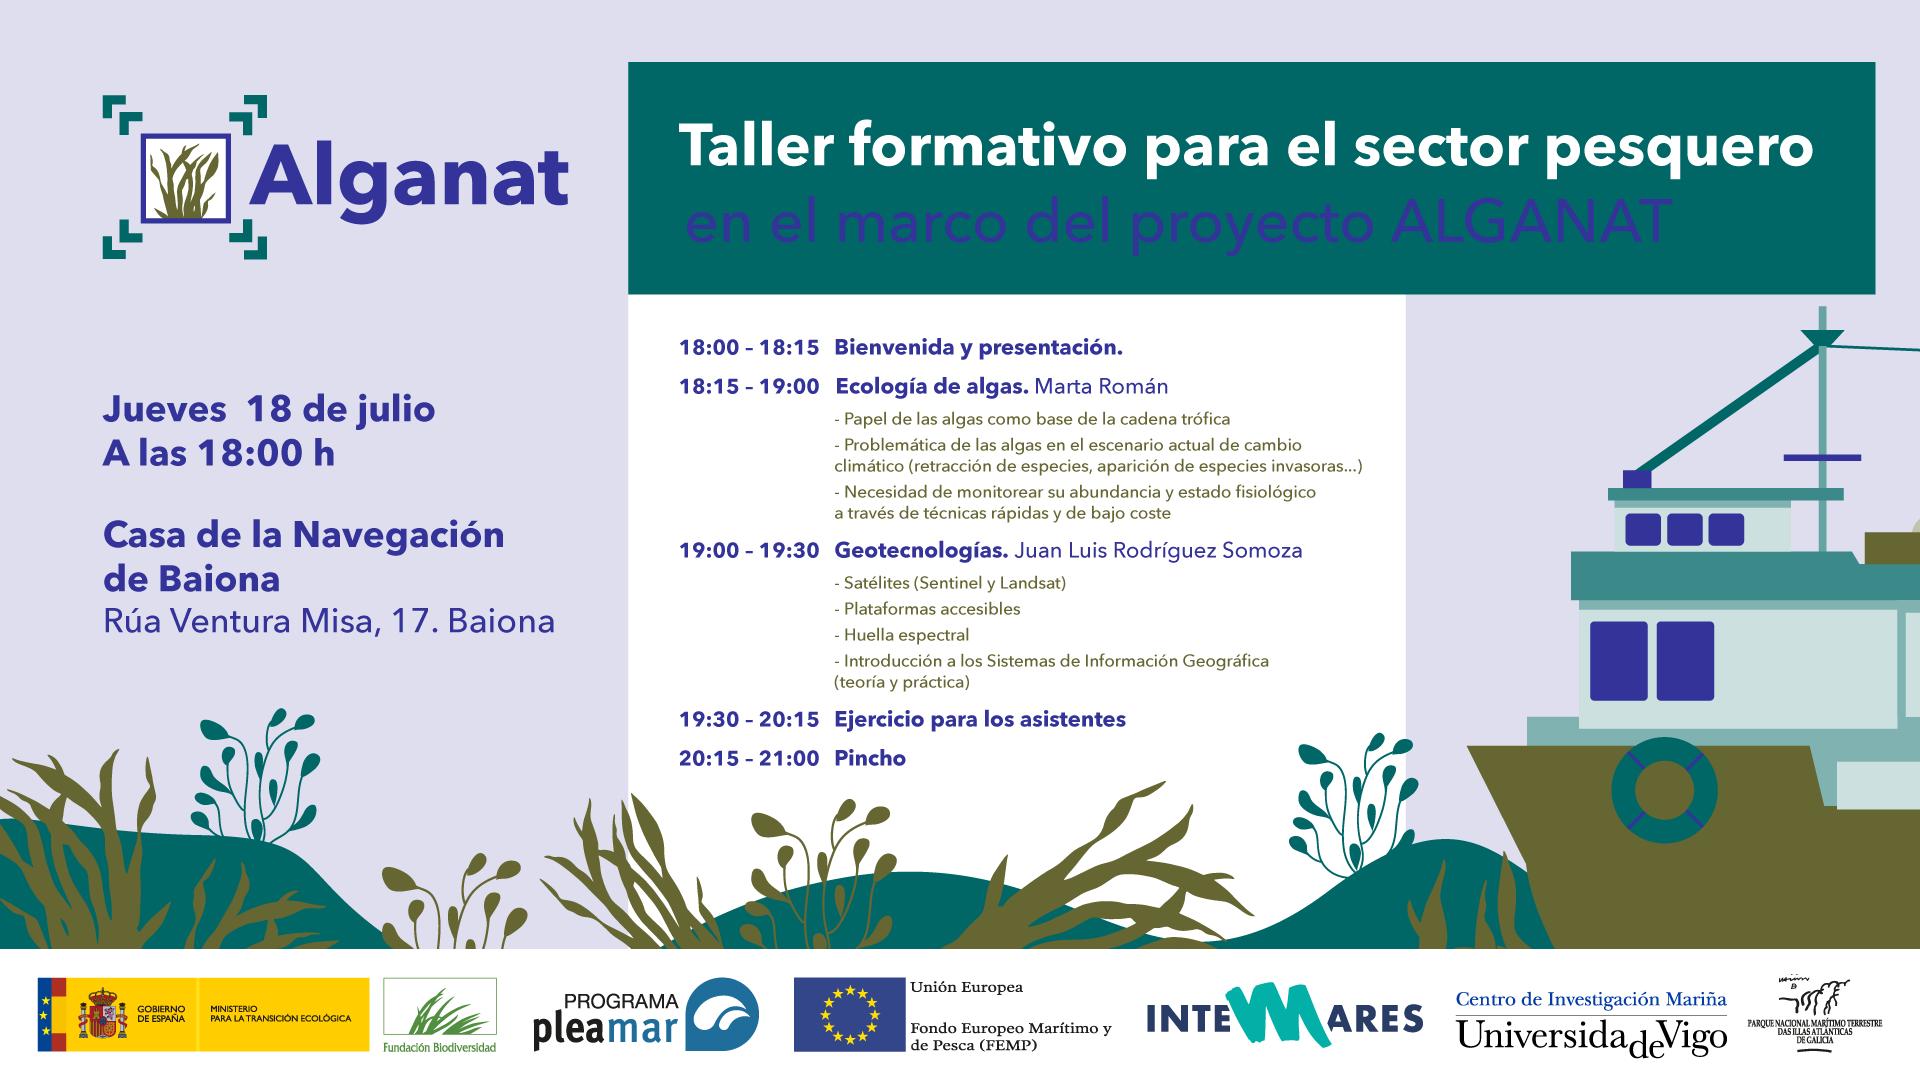 O proxecto Alganat organiza en Baiona un taller formativo para o sector pesqueiro